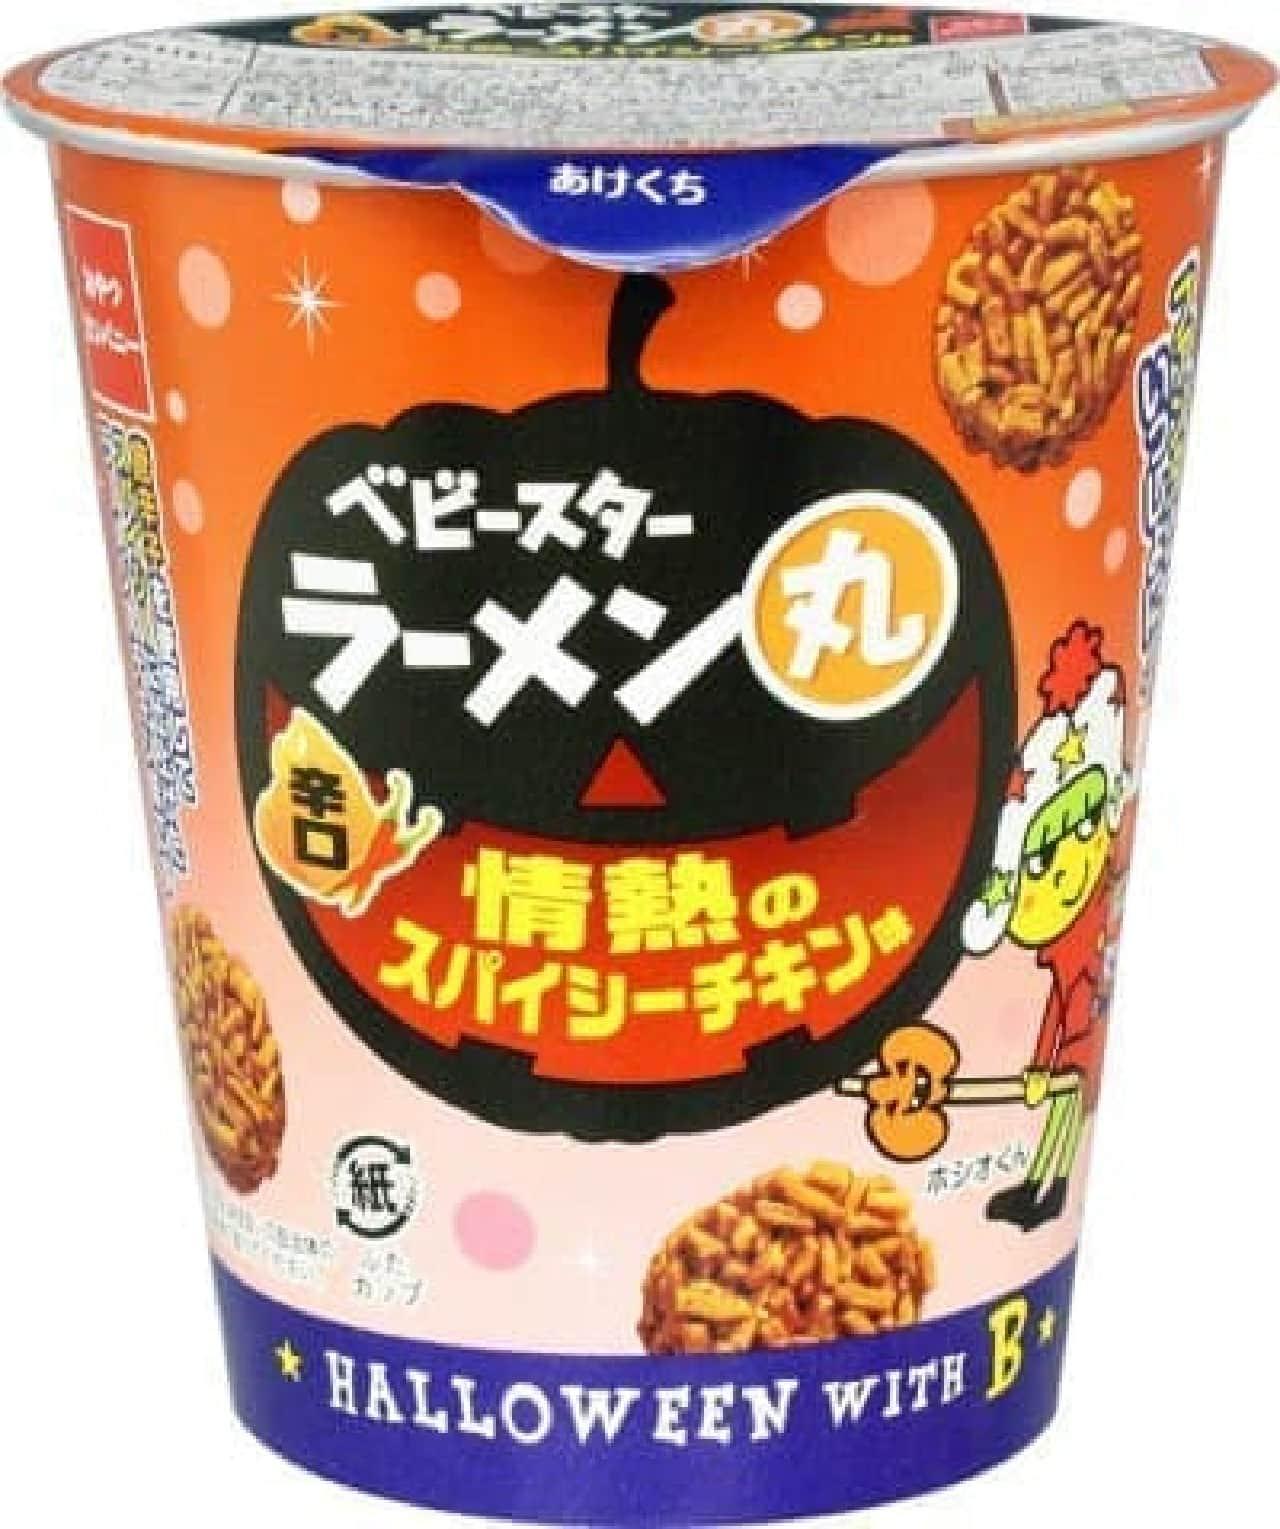 おやつカンパニー「ベビースターラーメン丸(情熱のスパイシーチキン味)」